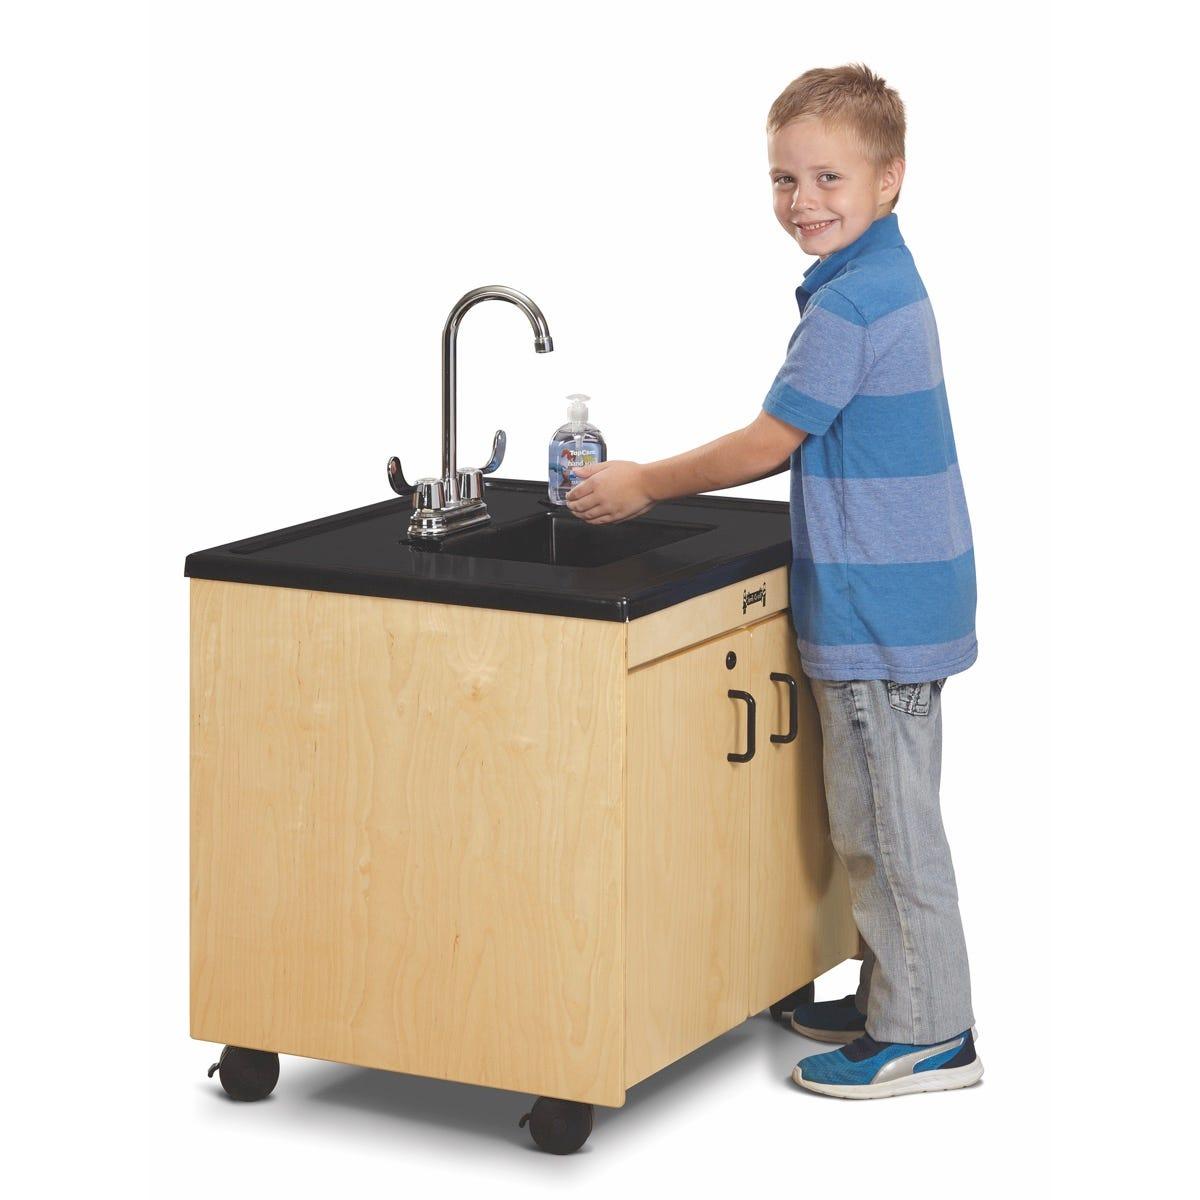 Portable Sink Handwashing Station